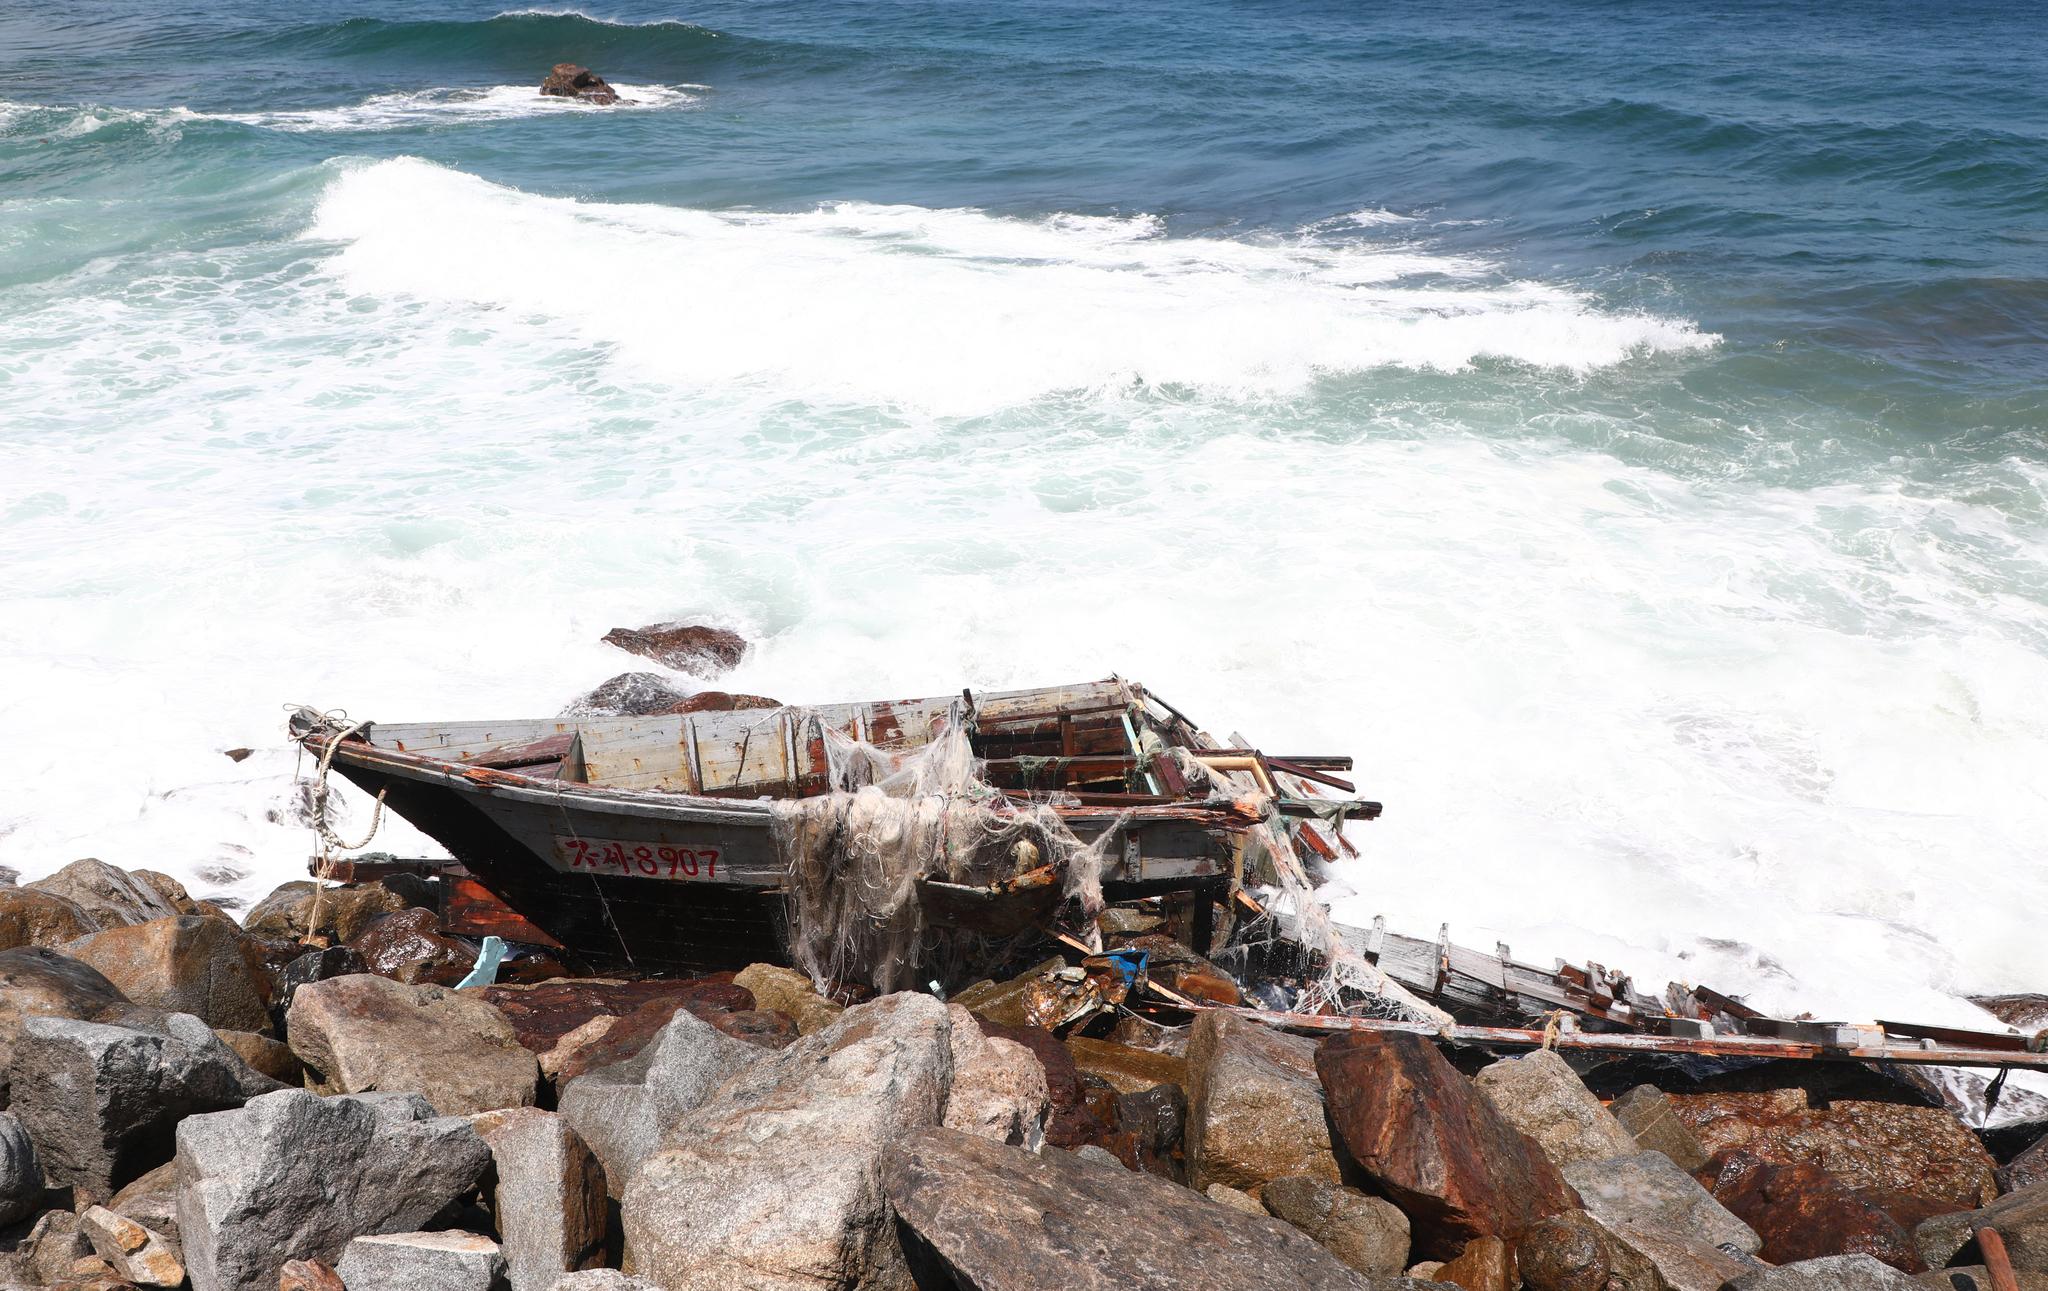 12일 강원도 고성군 거진 1리 해안가에서 북한 소형목선 1척이 발견됐다. 합동참모본부에 따르면 이날 오전 10시 37분쯤 해경이 북한 무인 소형목선을 발견해 확인·조치 중에 있다. [뉴스1]